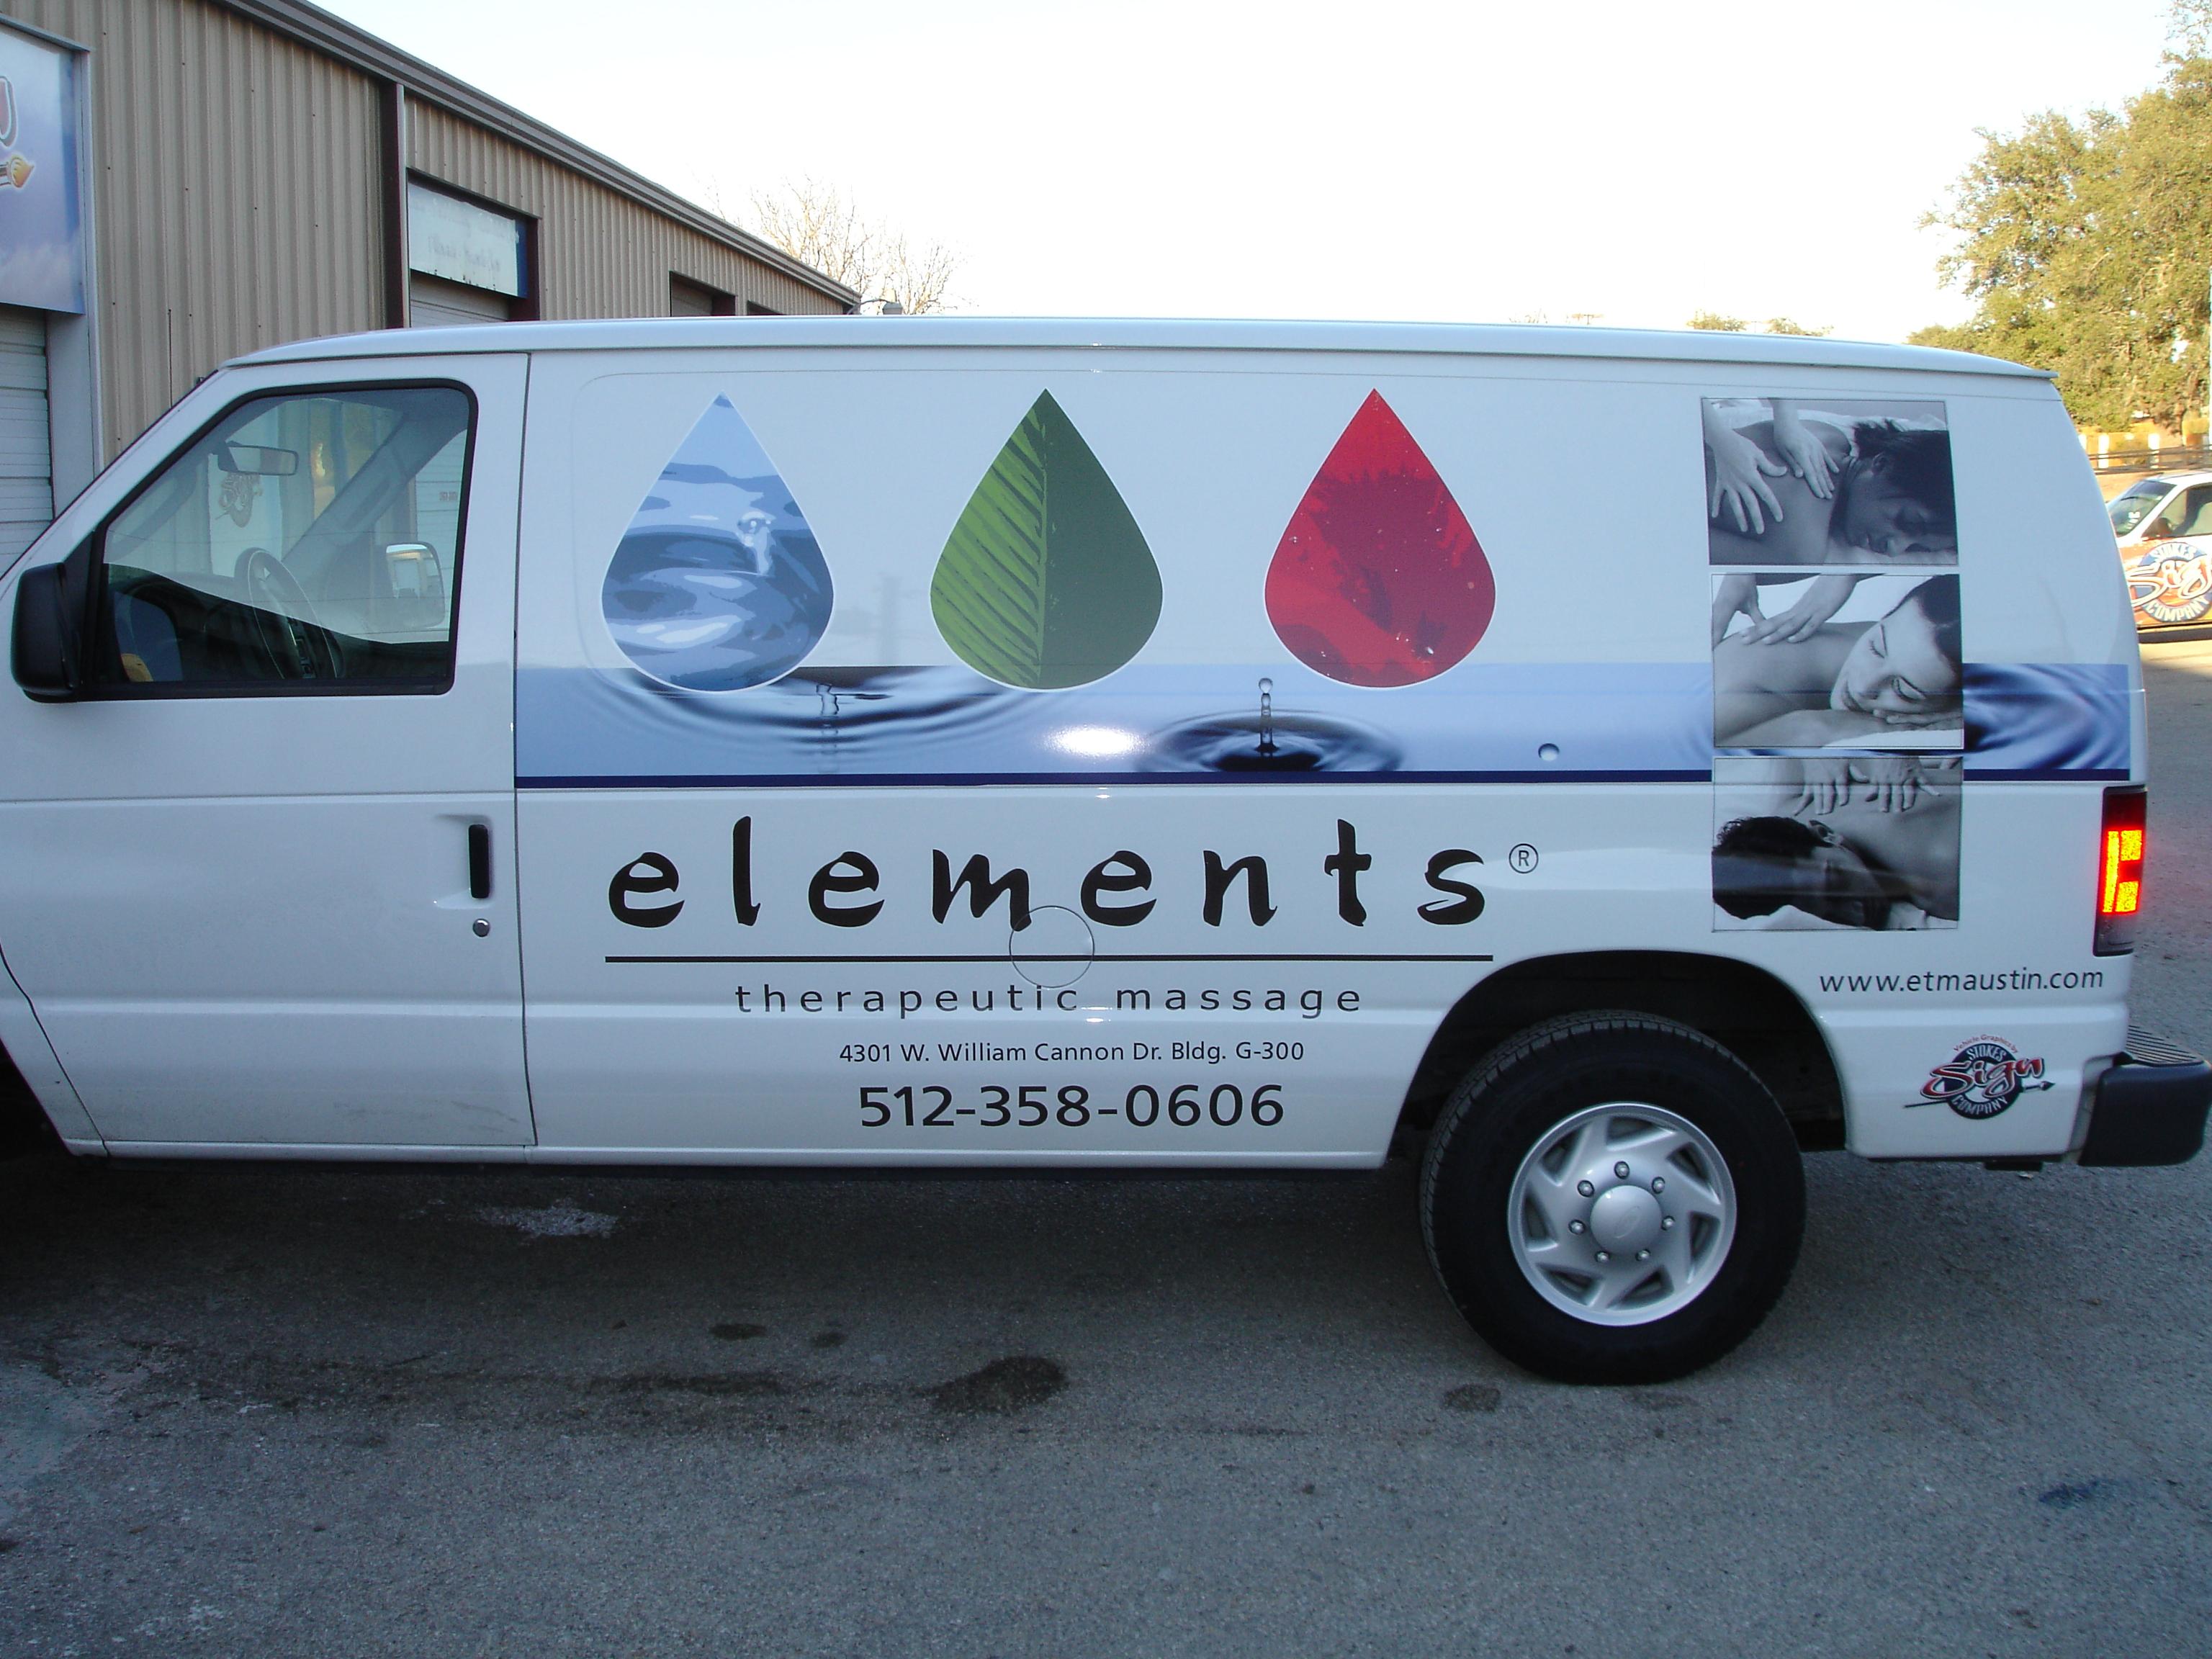 Elements Van Digital Graphics